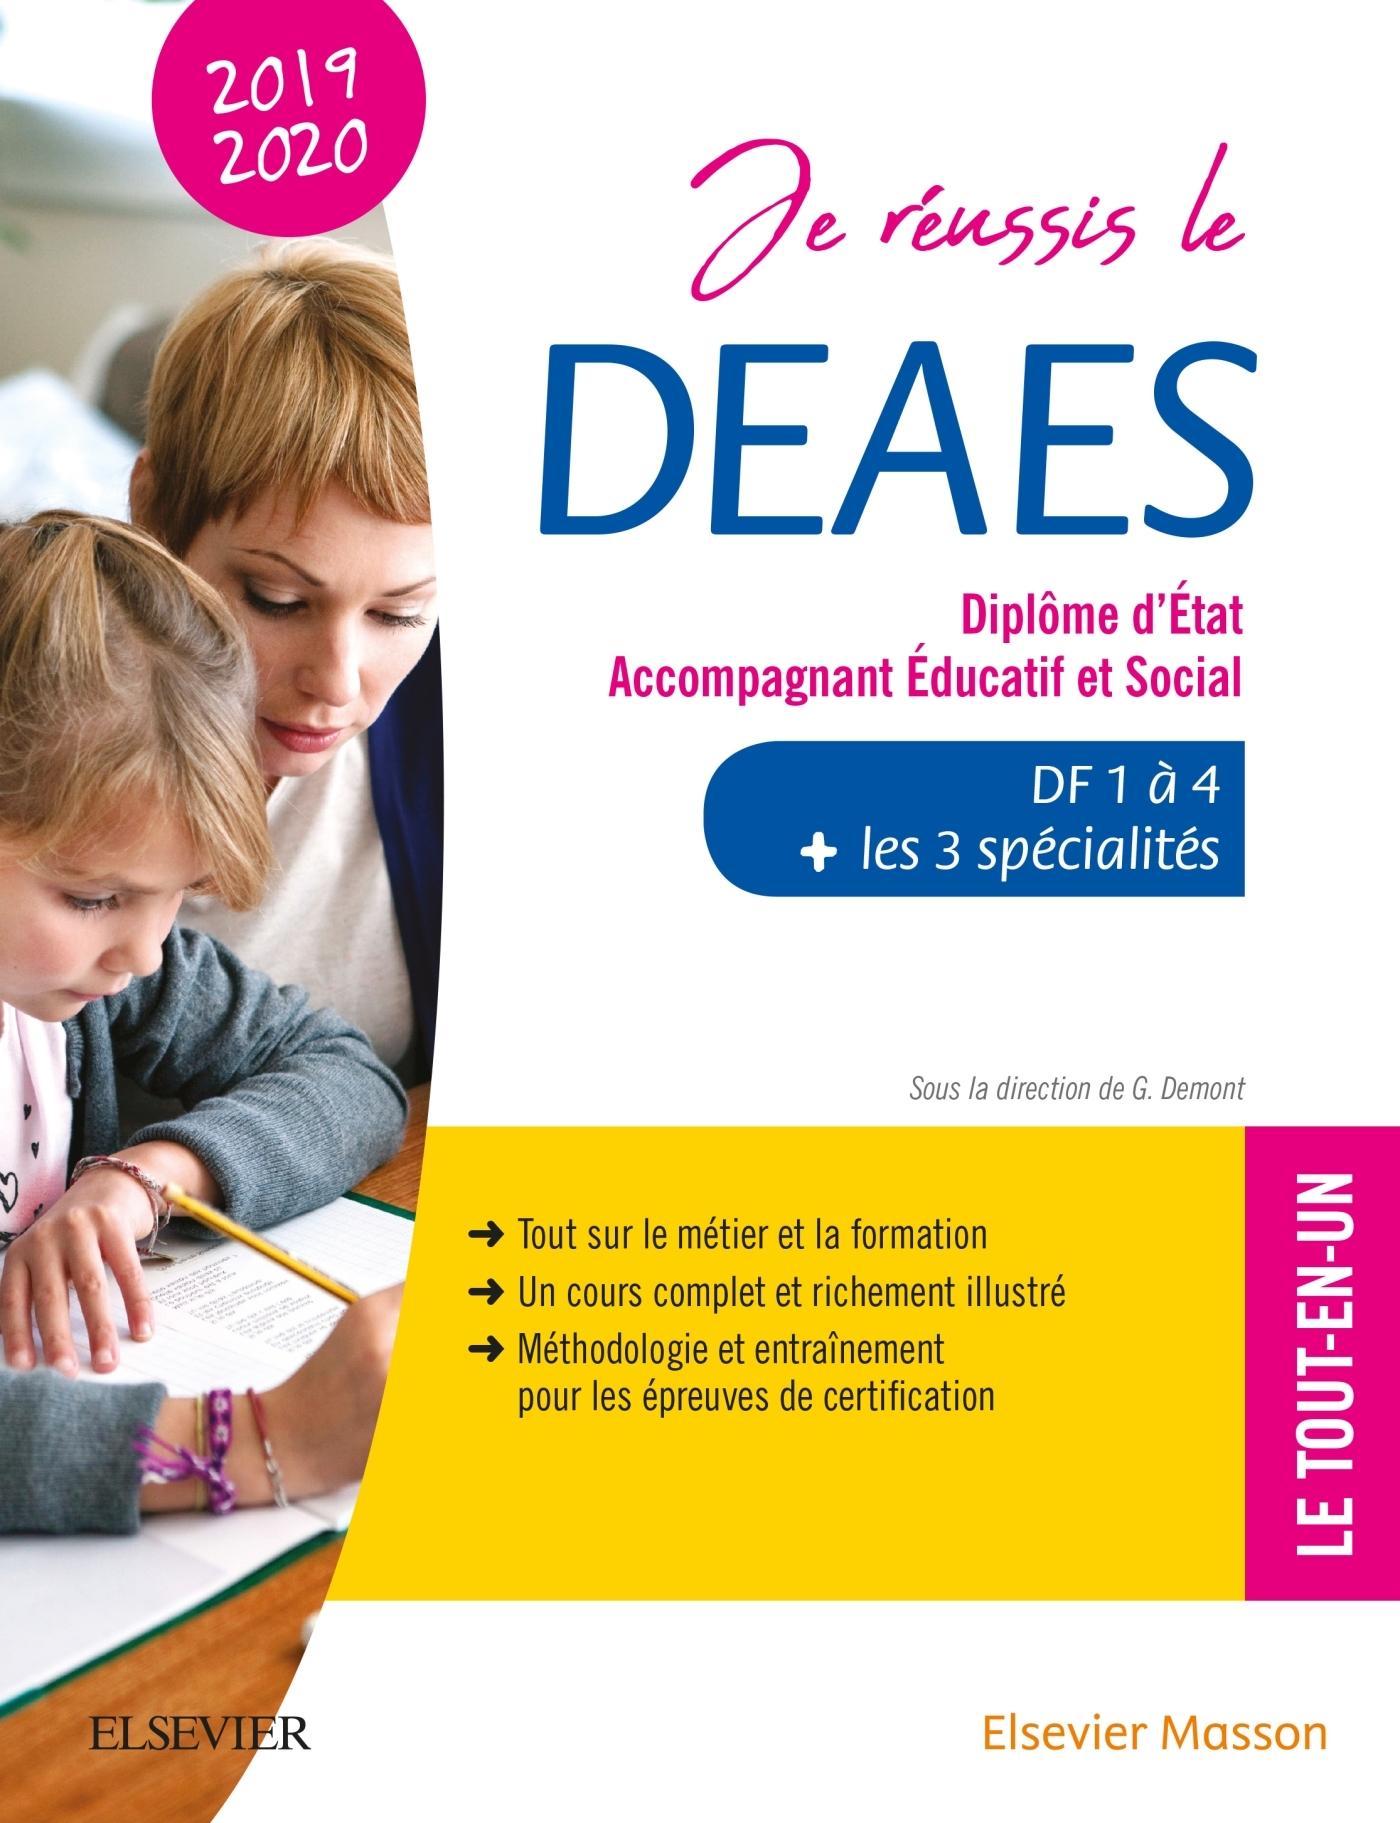 JE REUSSIS LE DEAES  ? DIPLOME D'ETAT ACCOMPAGNANT EDUCATIF ET SOCIAL ? 2019-2020